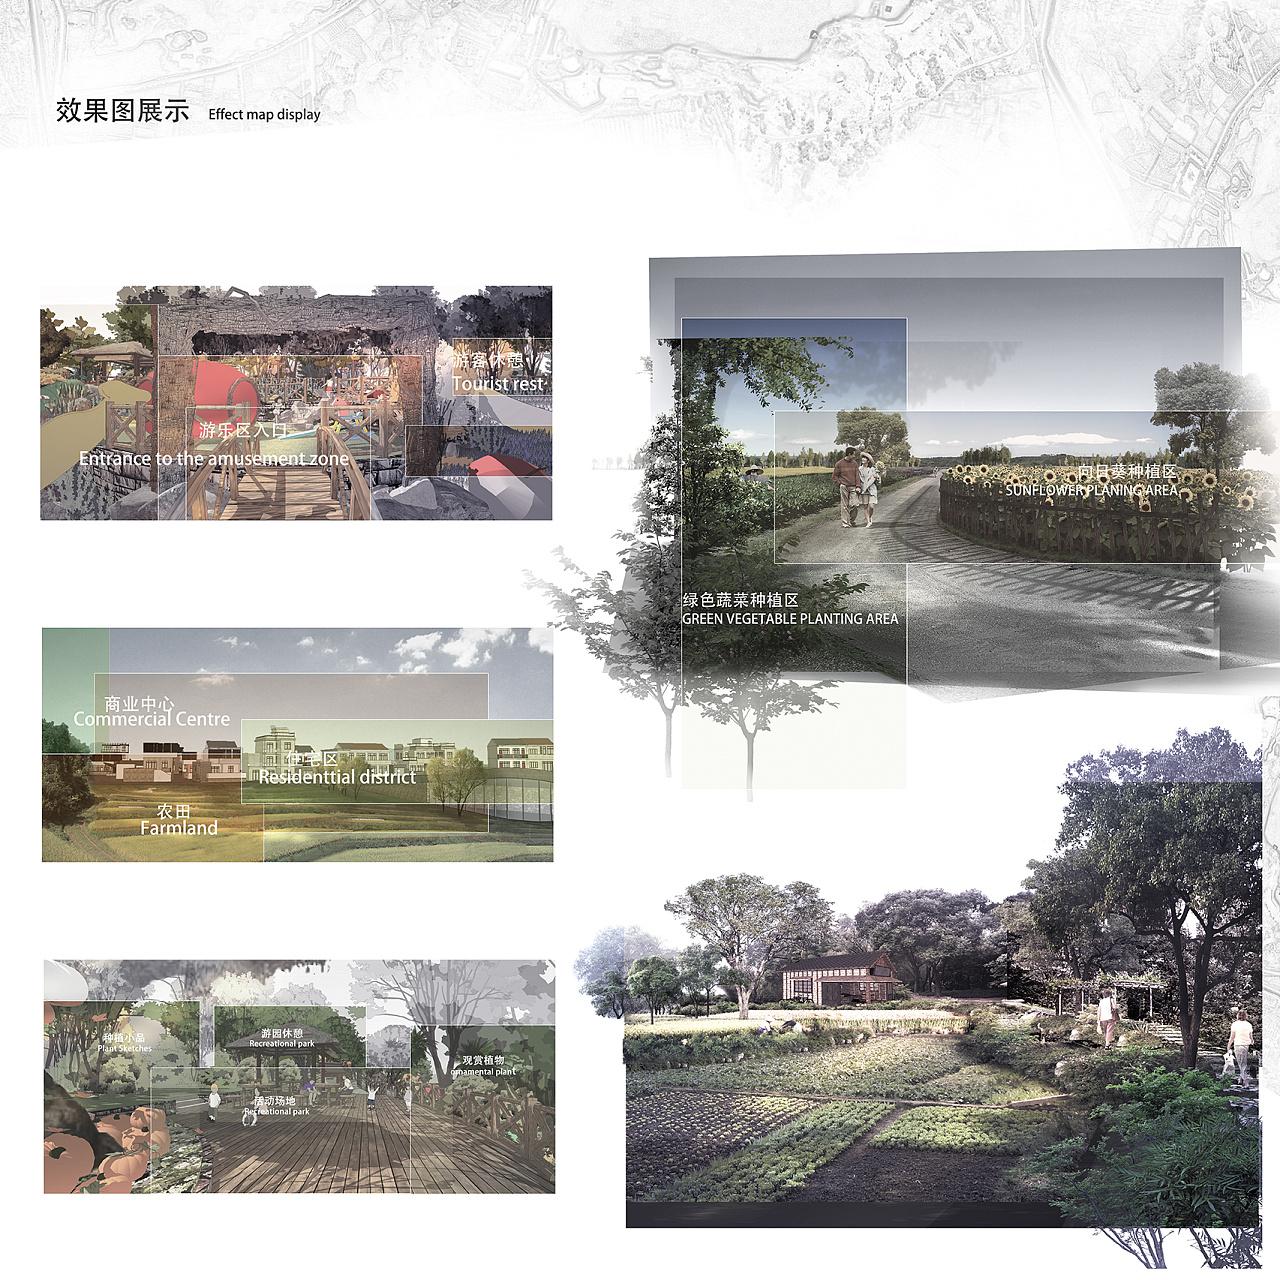 田野留居·农家邻里——基于共享经济的生态农庄设计图片